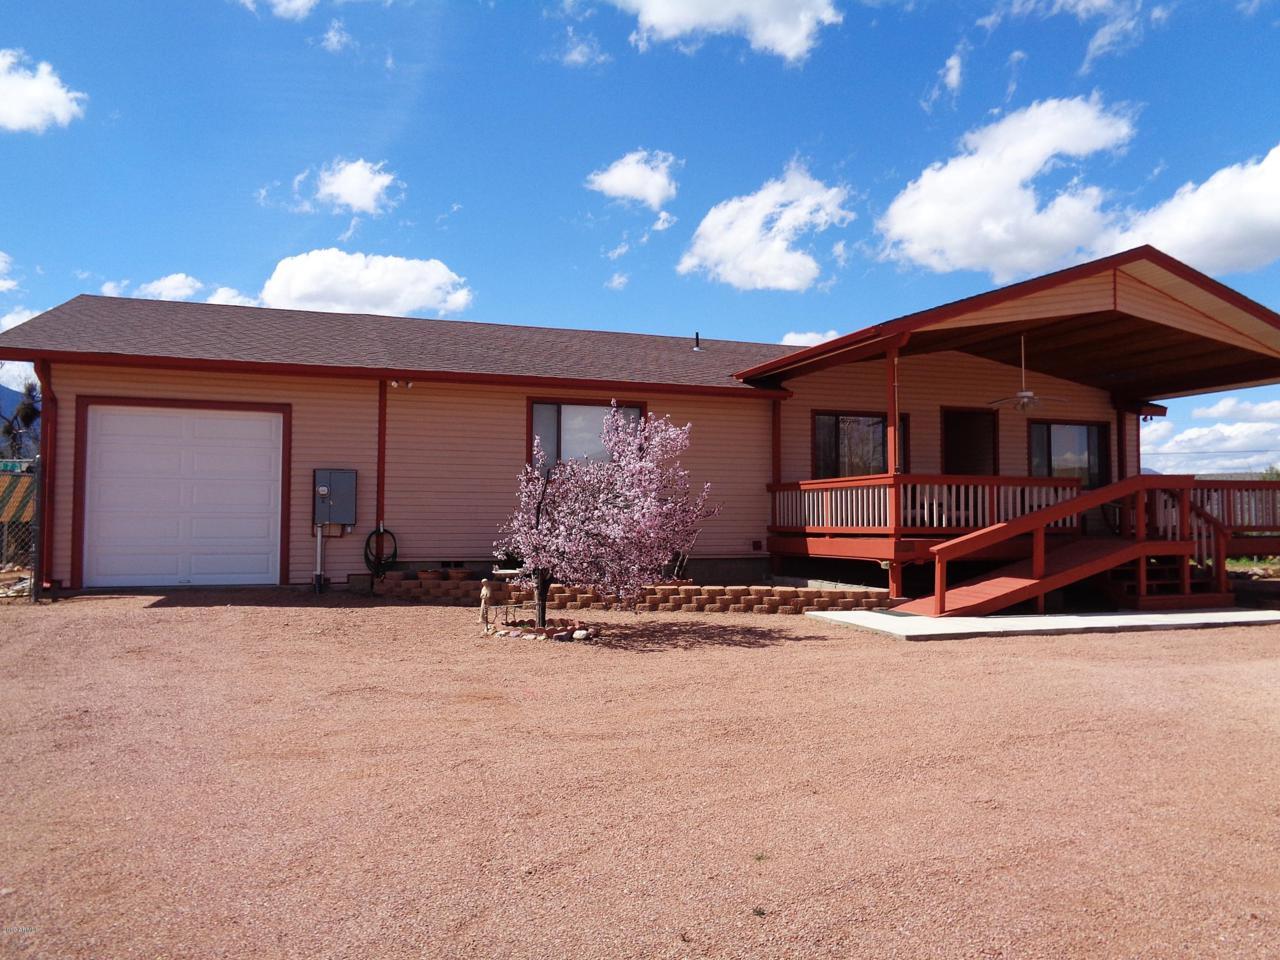 873 Deer Creek Drive - Photo 1